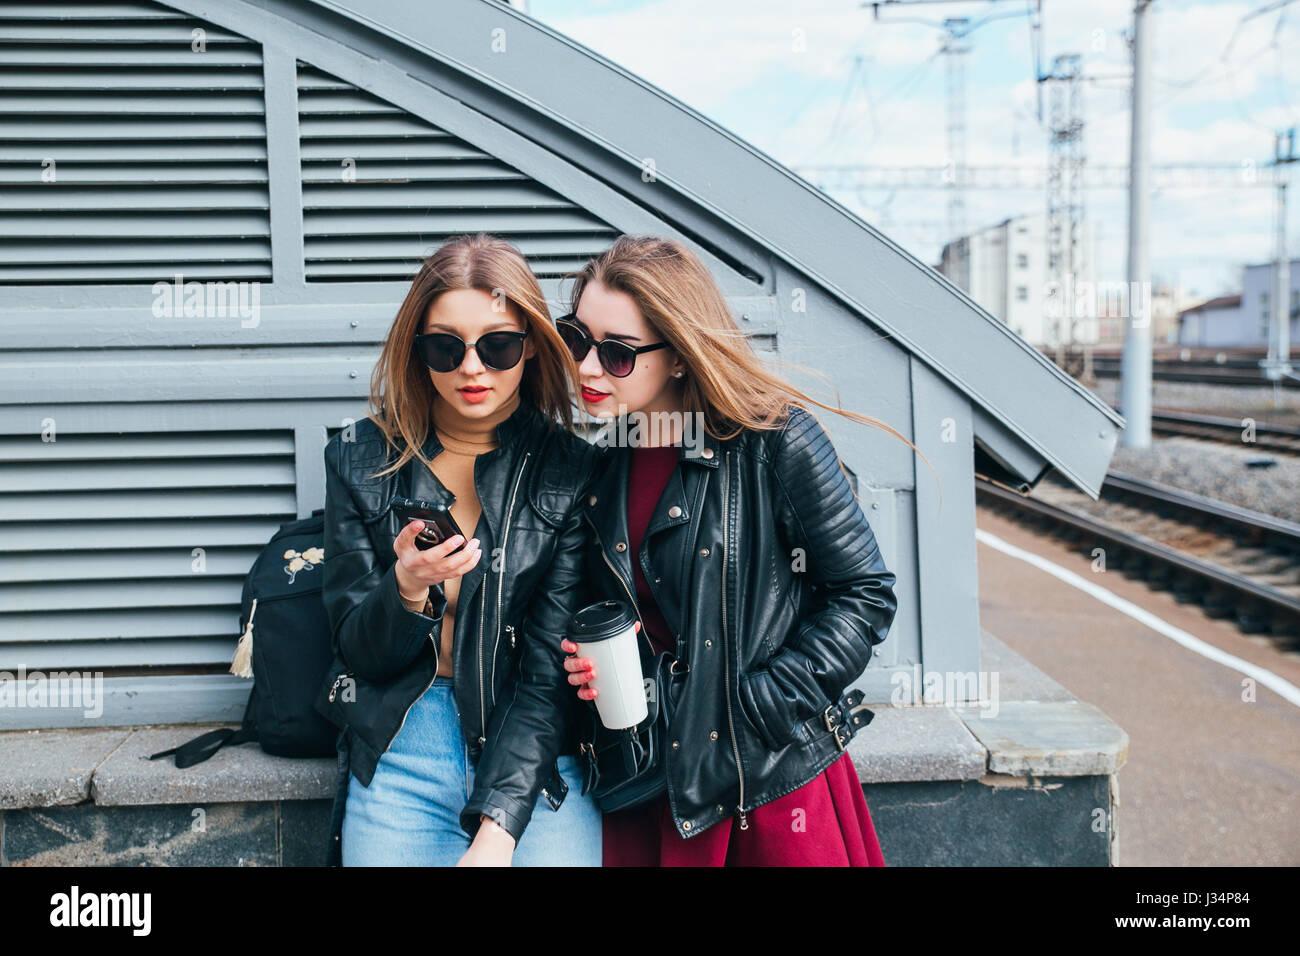 Conversazione tra due donne nella città.Outdoor Lifestyle ritratto di due migliori amici hipster ragazze indossano Elegante giacca di pelle e occhiali da sole con caffè, going crazy e avente un grande tempo insieme Foto Stock